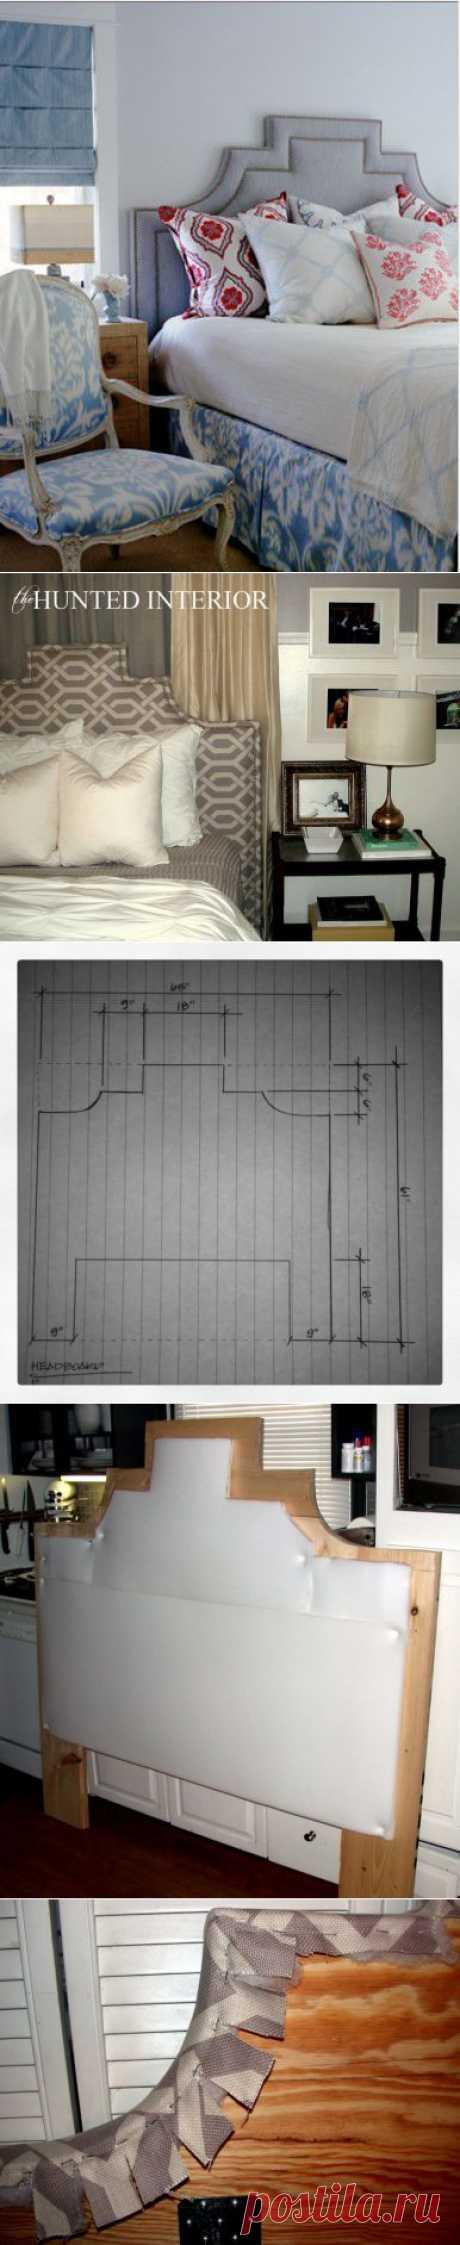 кровать.идеи по переделке и реставрации мебели.